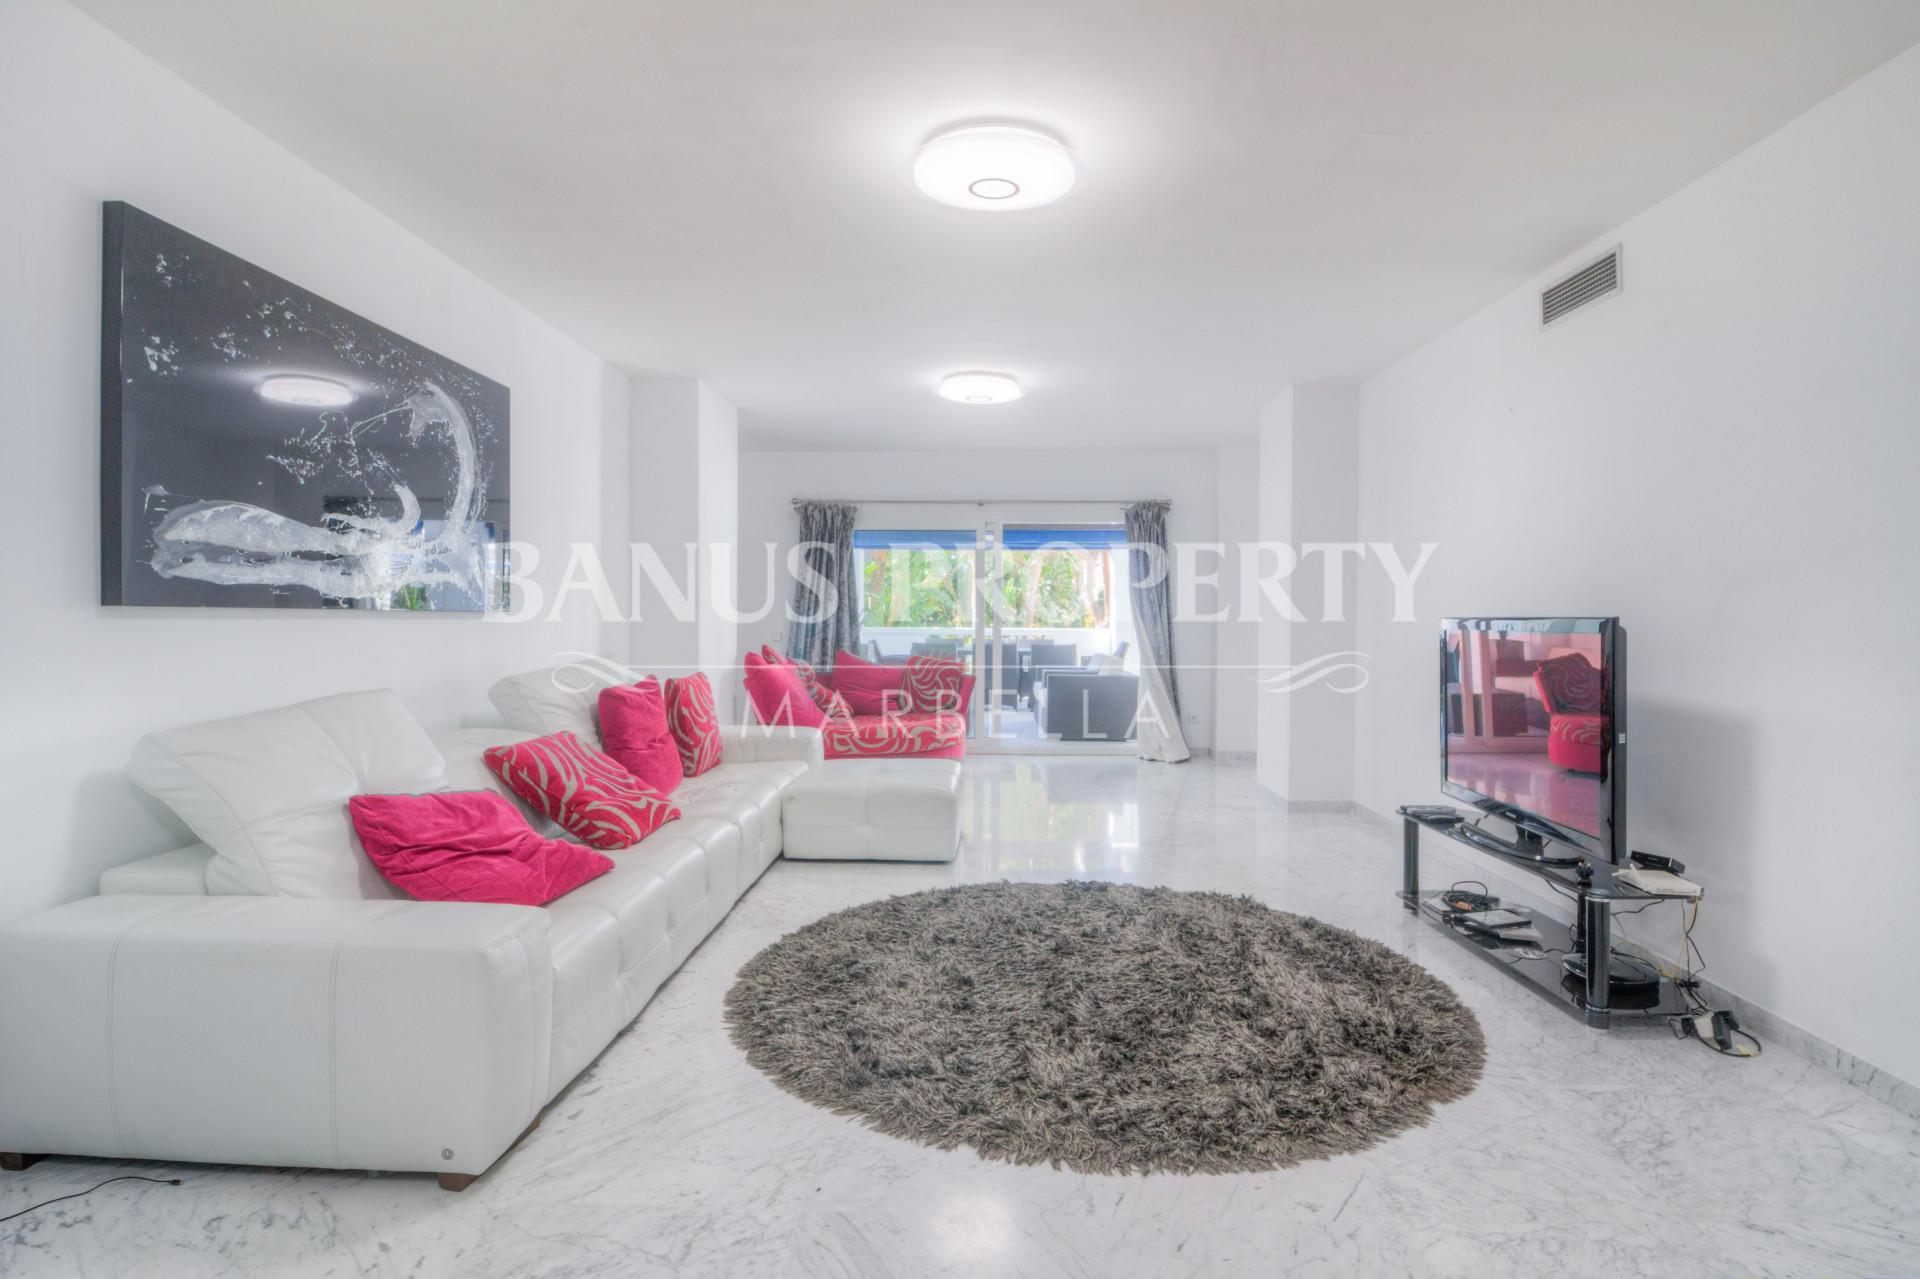 Large attractive three-bedroom ground floor apartment for sale in Edificio Malaga, Playas del Duque, Puerto Banus